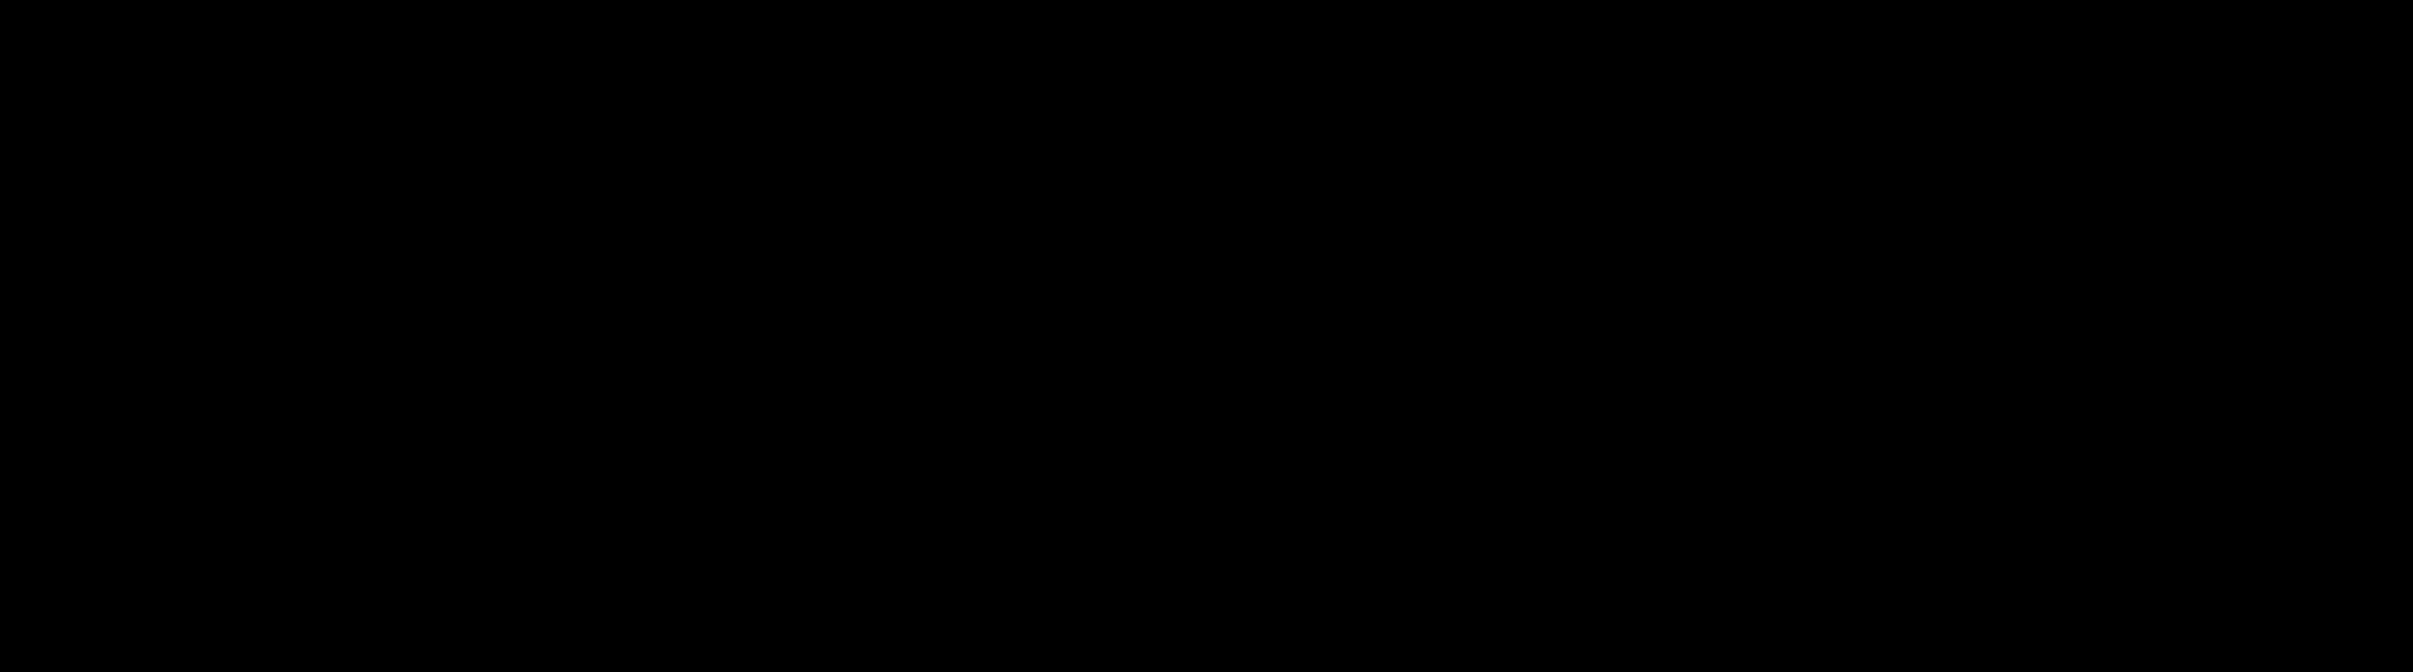 L-Thyroxine acyl-β-D-glucuronide